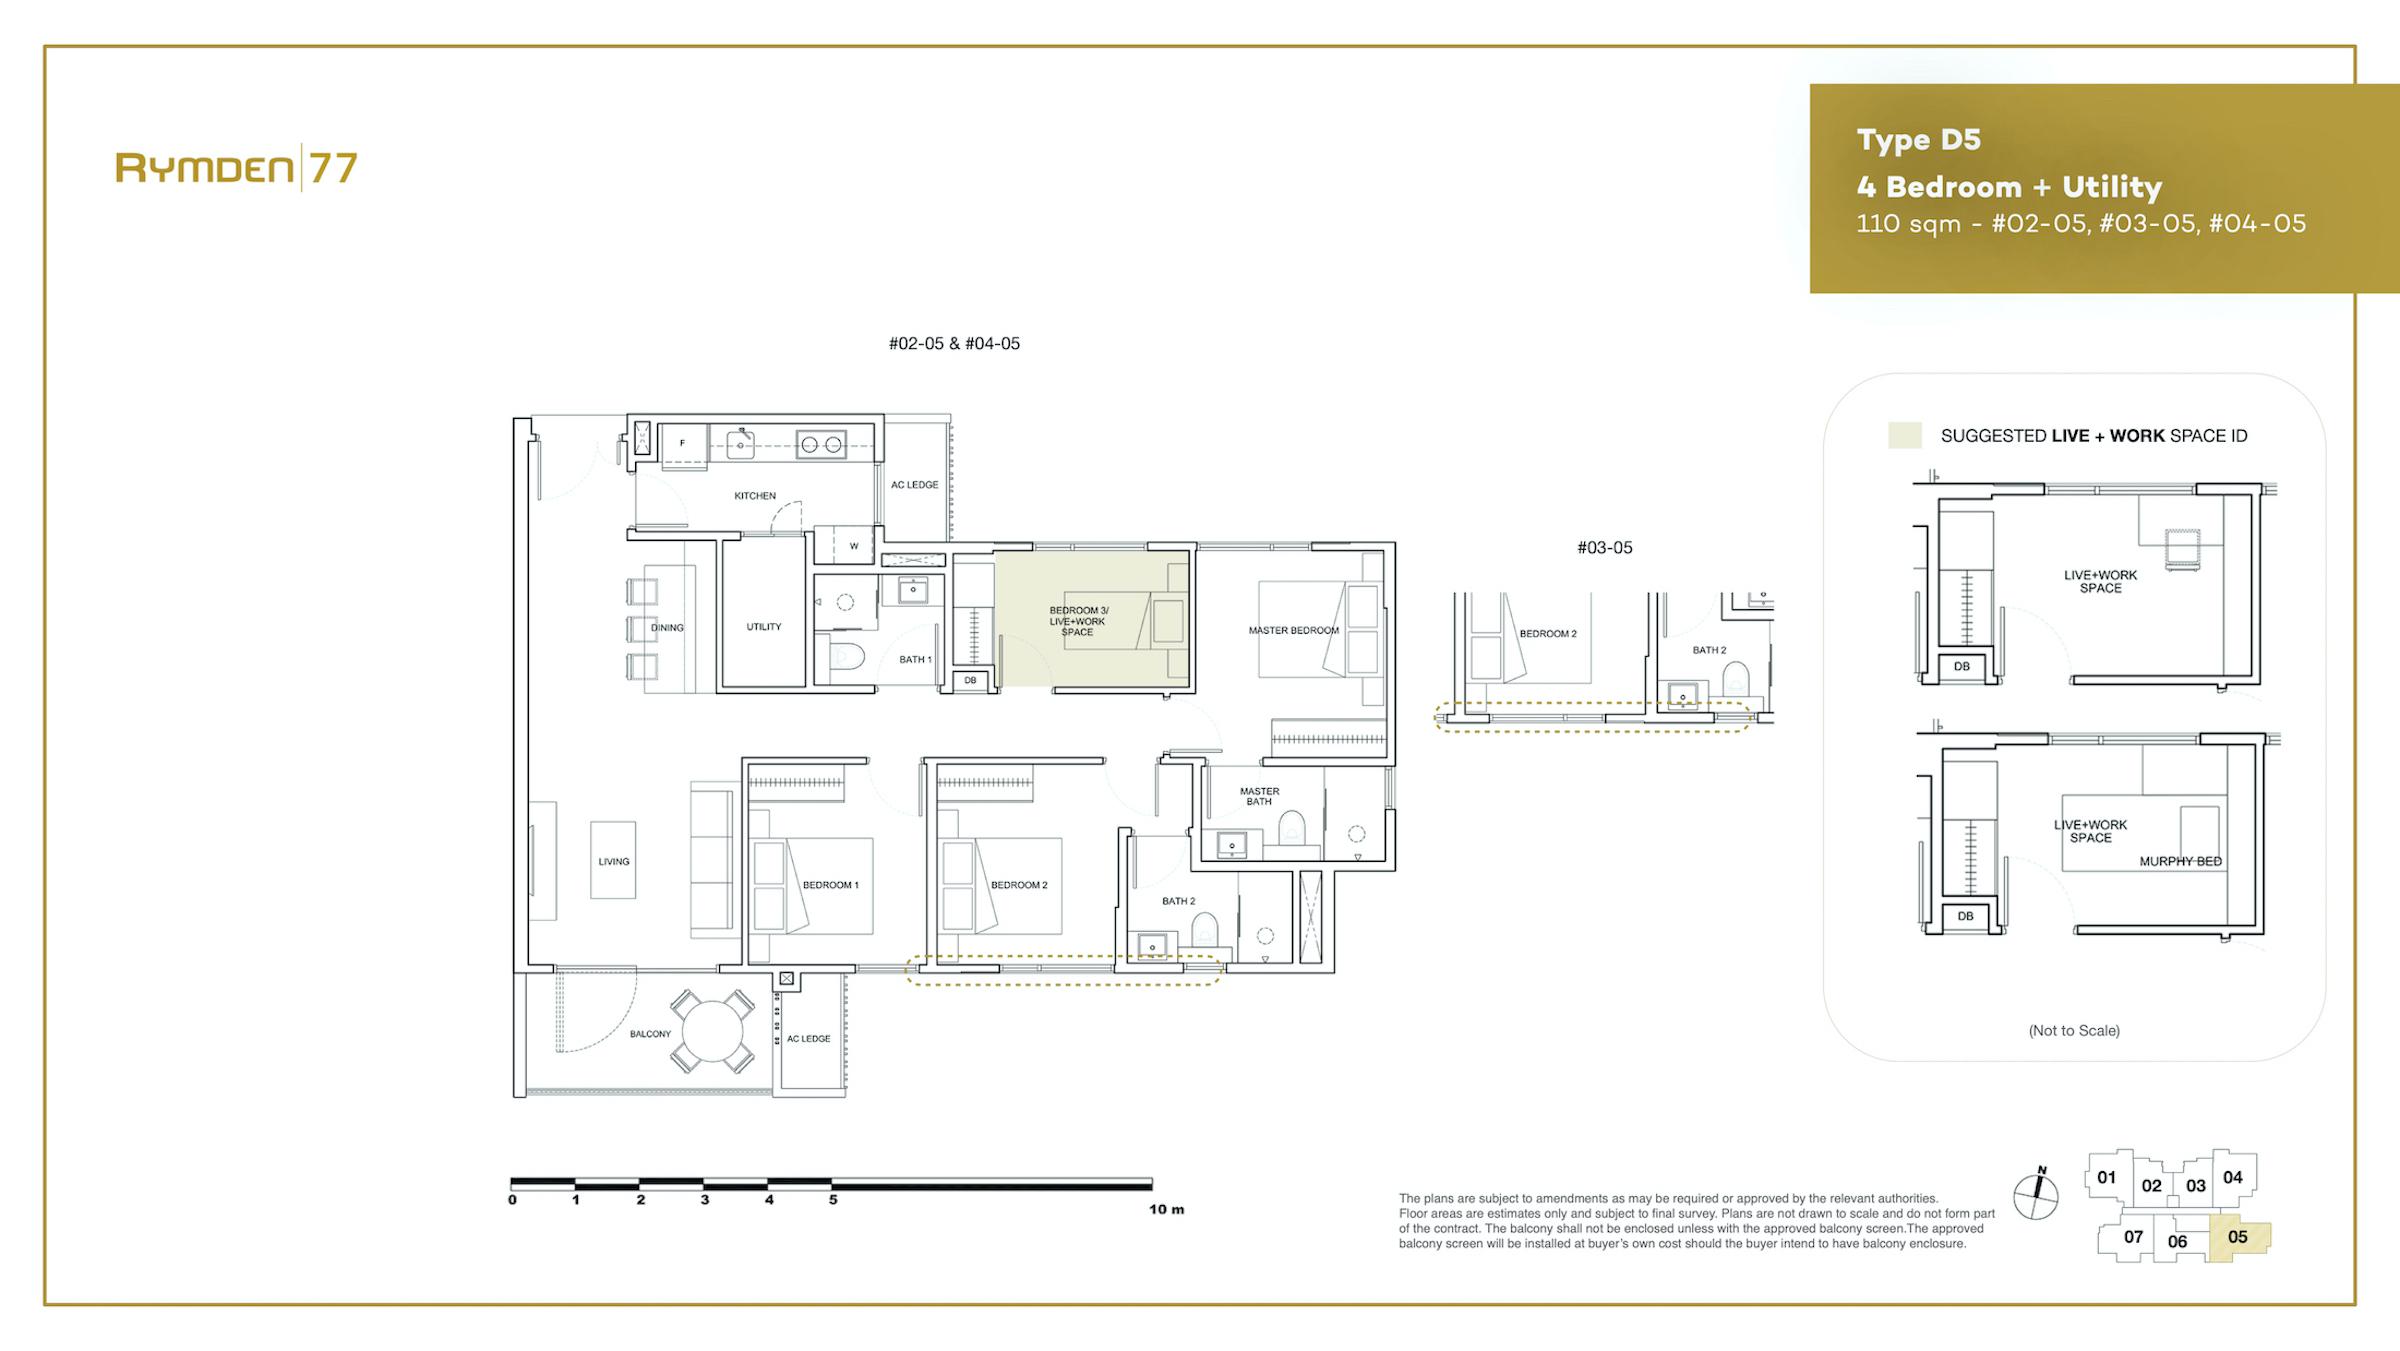 Rymden-77_4 Bedroom_Type D5.jpg